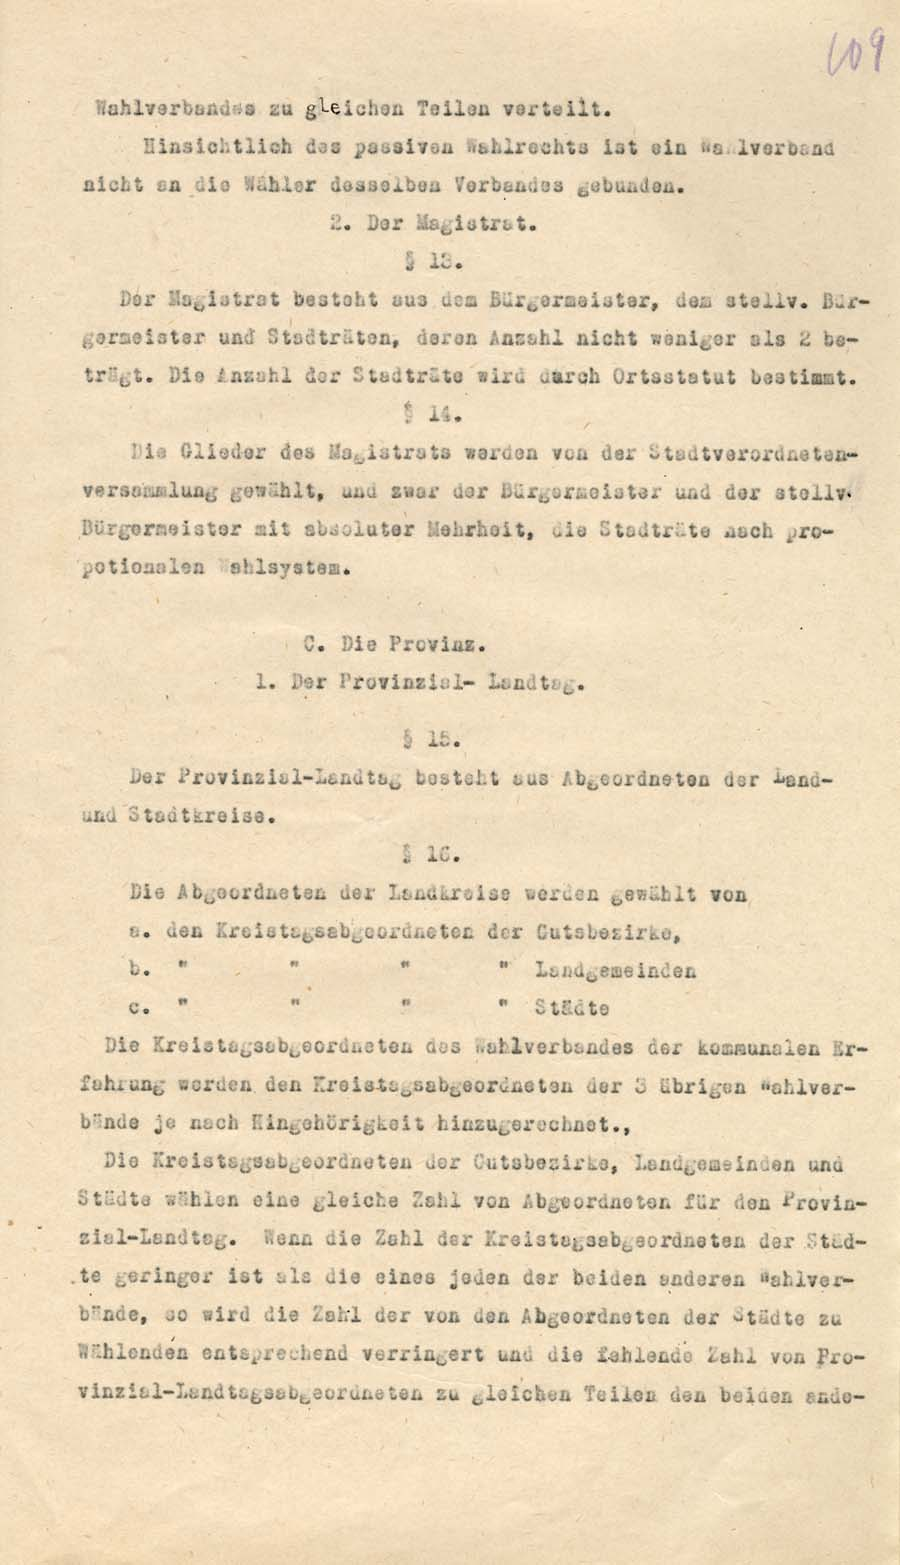 Väljavõte kavandatava Balti Hertsogiriigi valitsuse korralduse kirjeldusest. RA, EAA.957.1.306, l. 109